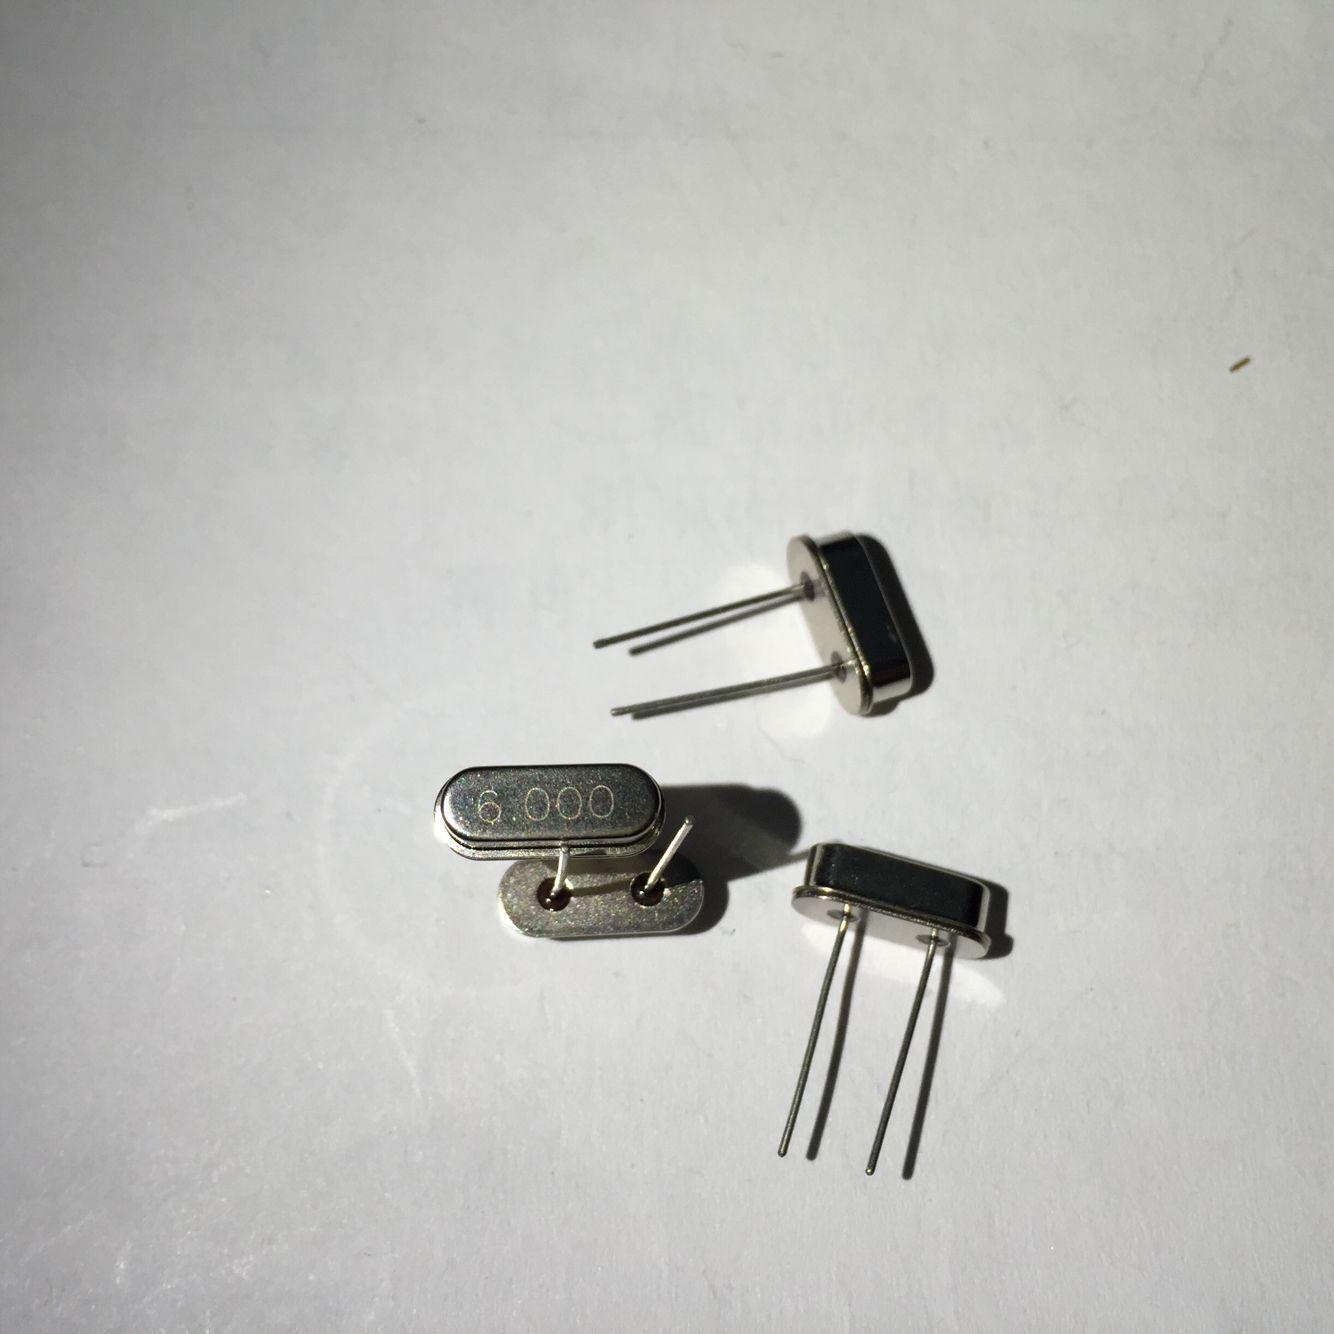 晶康业电子商行 本公司主要经营石英晶振,三极管,继电器,电阻电容,IC集成电路。专业BOM配单 优 势 产 品 系 列  1:贴片晶体谐振器:XTAL (2520 3225 4025 5032 6035 7050 8045 2脚.4脚.金属.陶瓷) 2:贴片晶体振荡器:OSC (2520 3225 5032 7050 有源.4脚.金属.陶瓷)。 3:贴片陶瓷振荡子: 日本村田(MURATA) 片状型:CSTCC:[7.